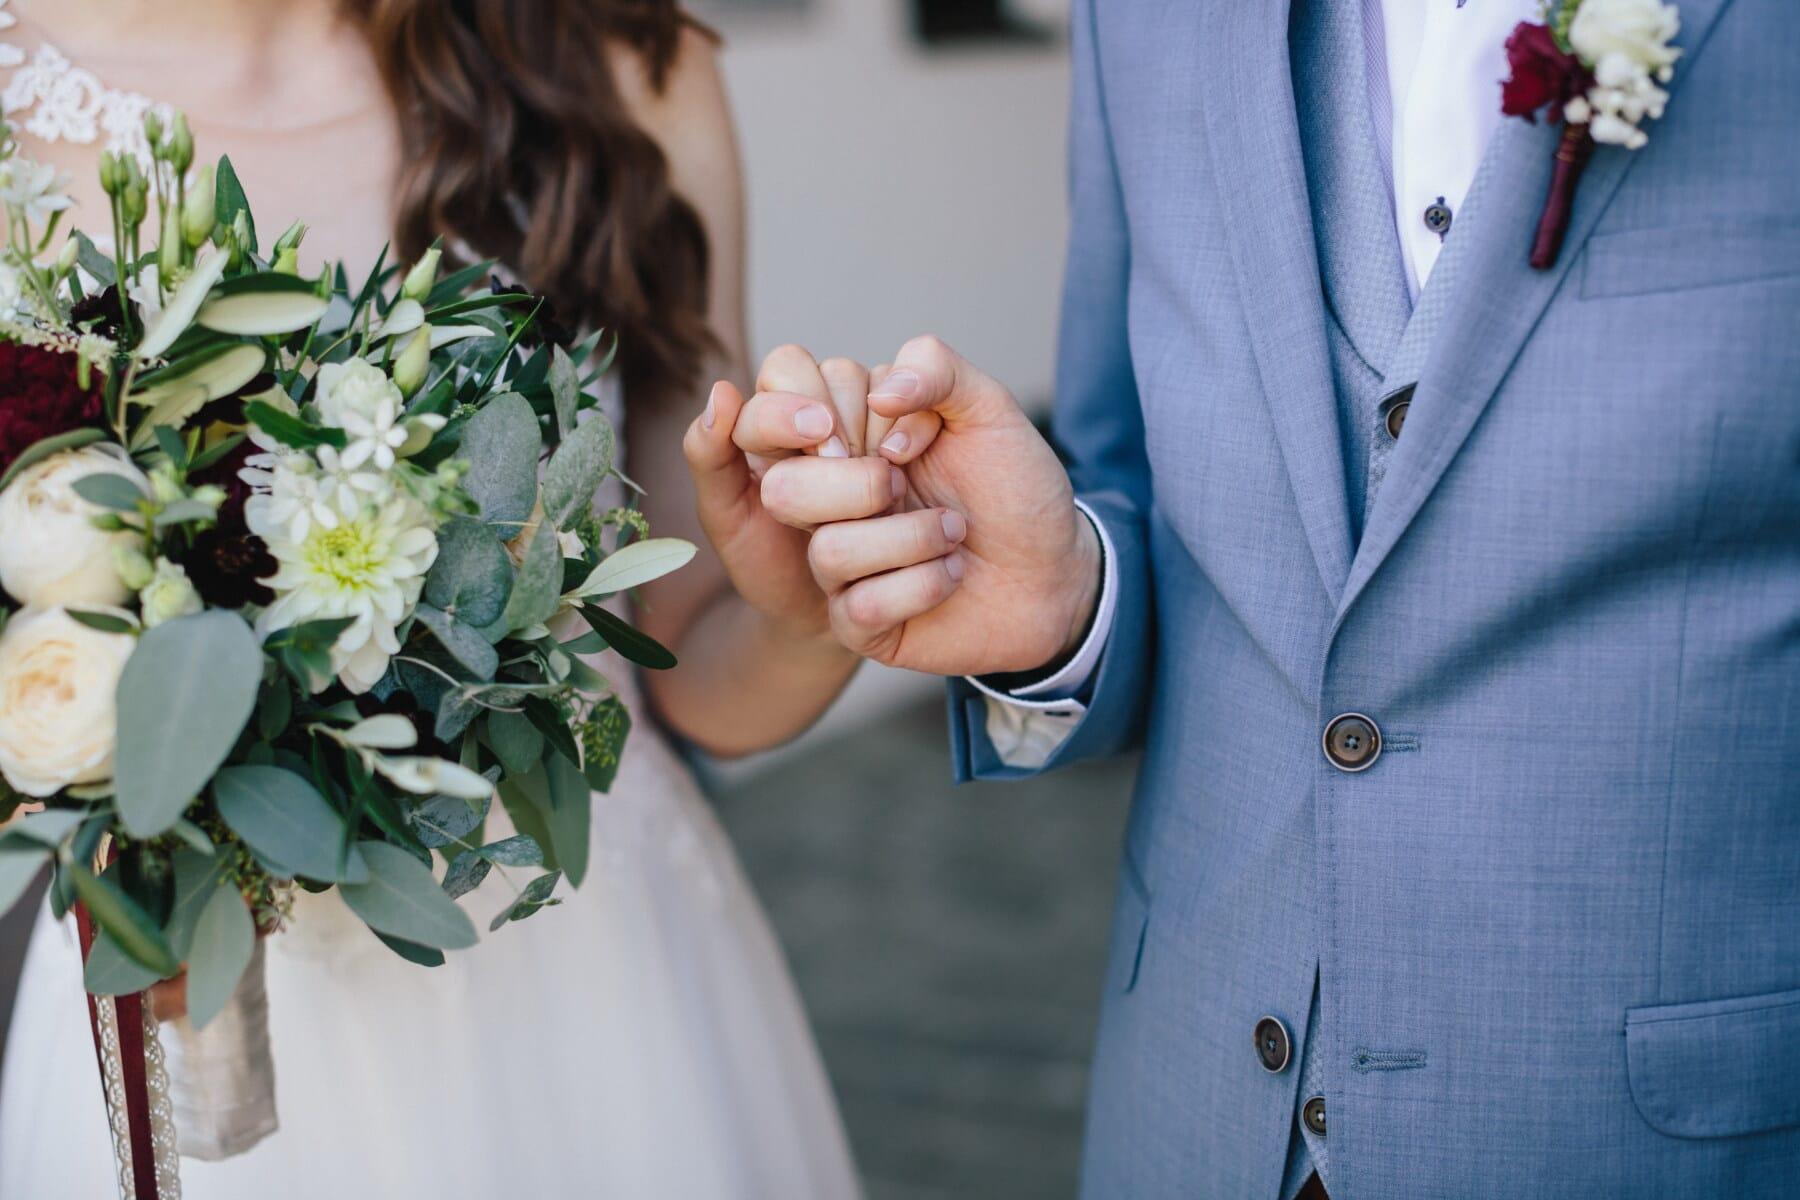 brudgom, holde i hånden, bruden, ægteskab, hænder, tillid, tillid, bryllupskjole, smokingdragt, kærlighed